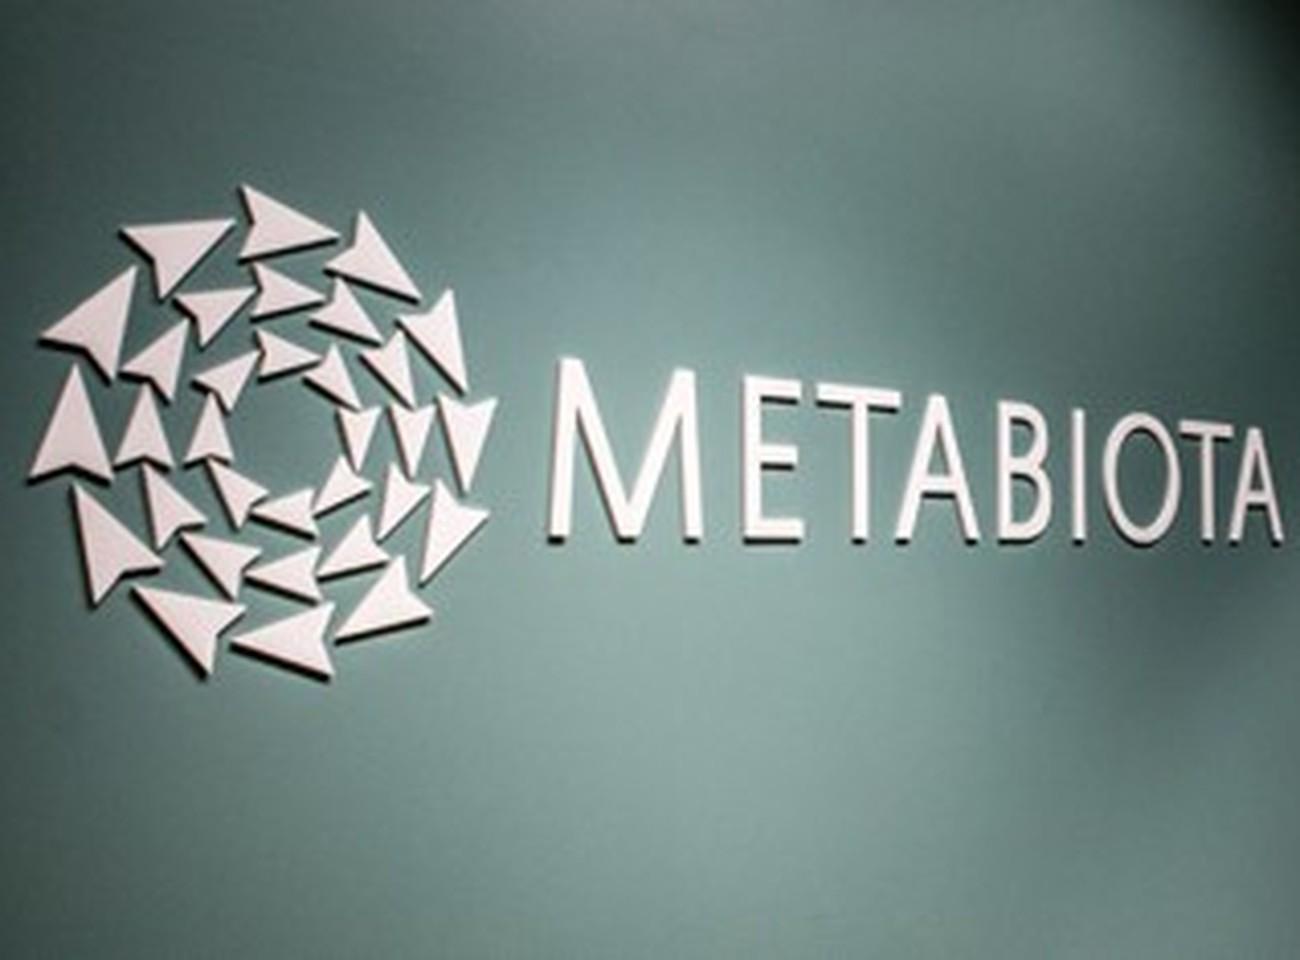 Metabiota Careers